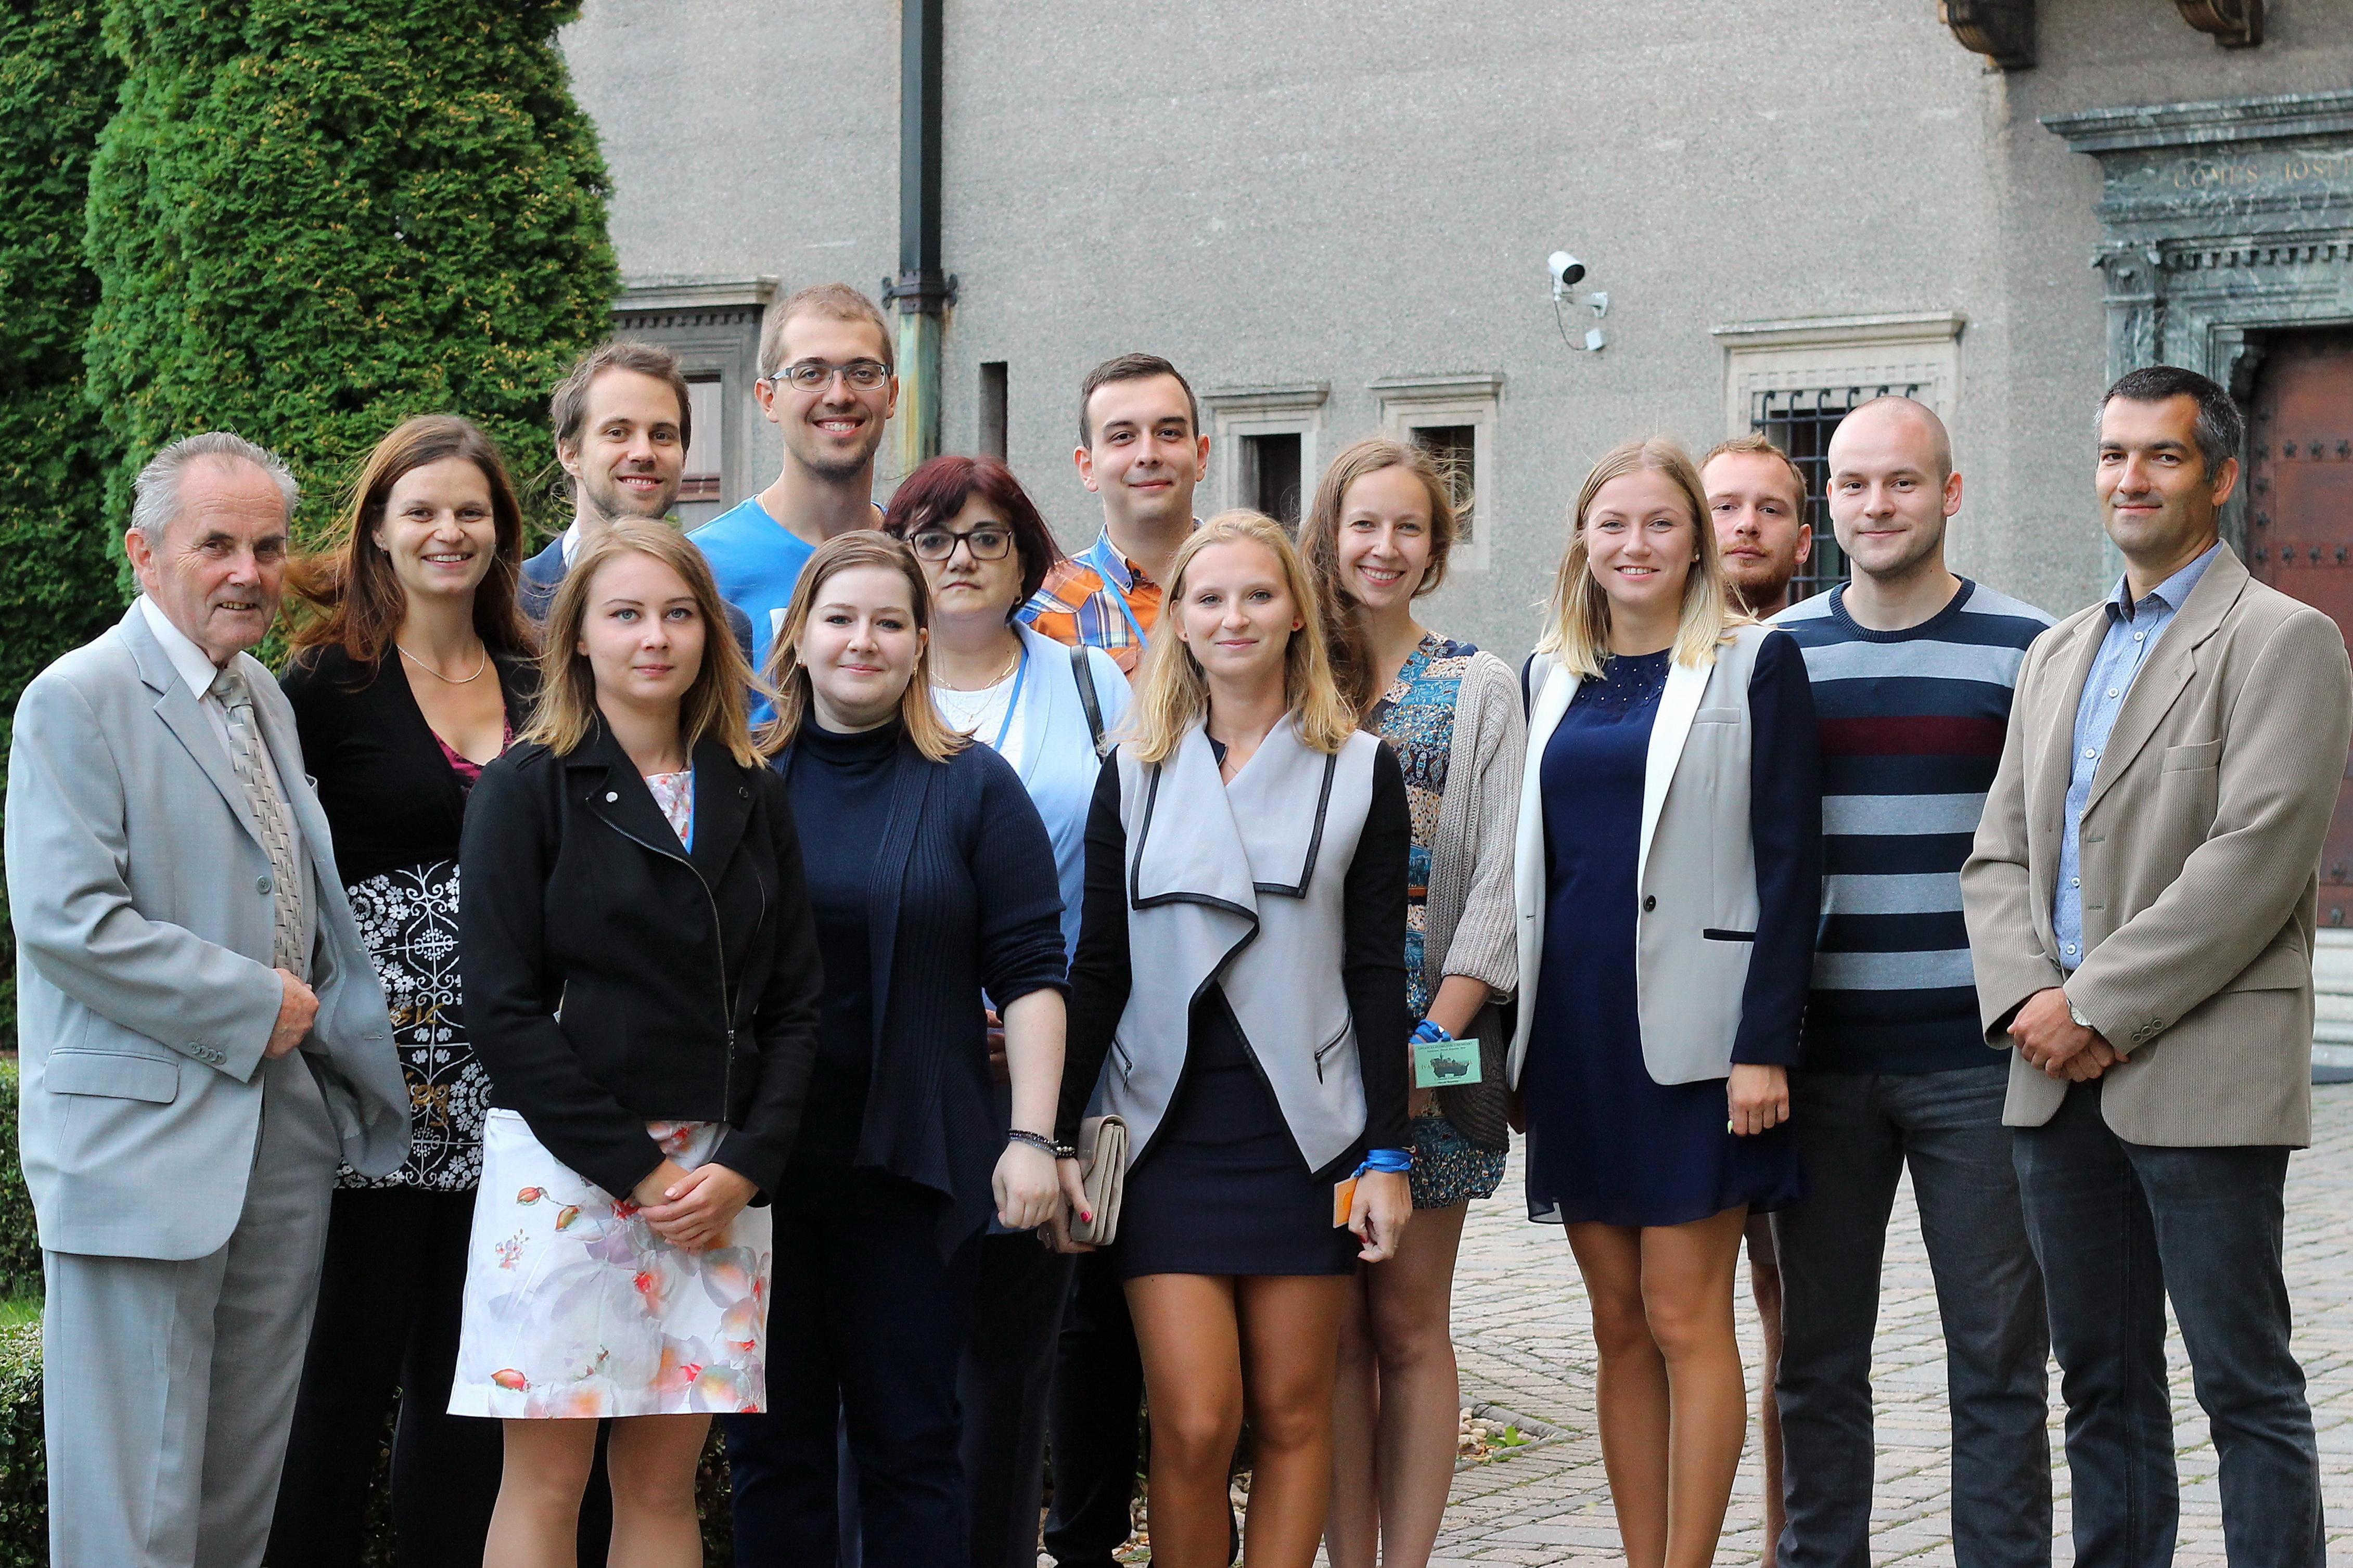 Profesor Šebesta s celou svojou skupinou na tohtoročnej konferencii Advances in Organic Chemistry v Smoleniciach. Foto - archív R. Š.